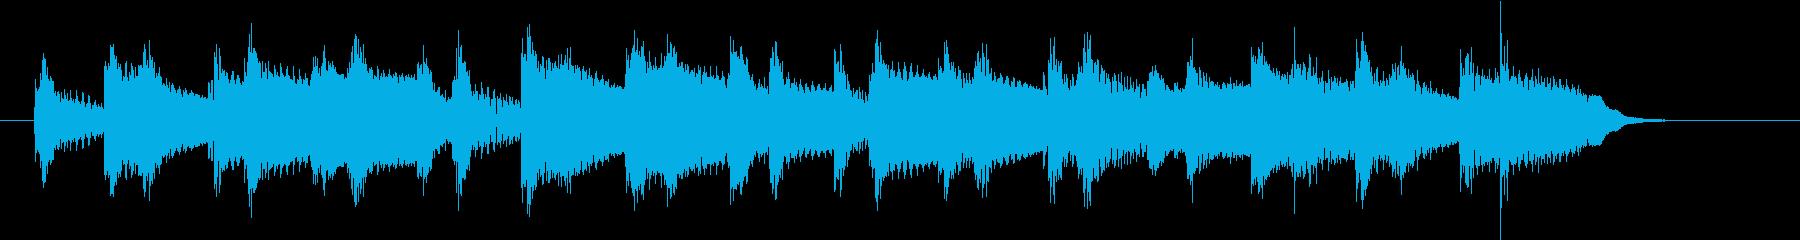 エーライヤッチャ!阿波踊り ♩145#1の再生済みの波形